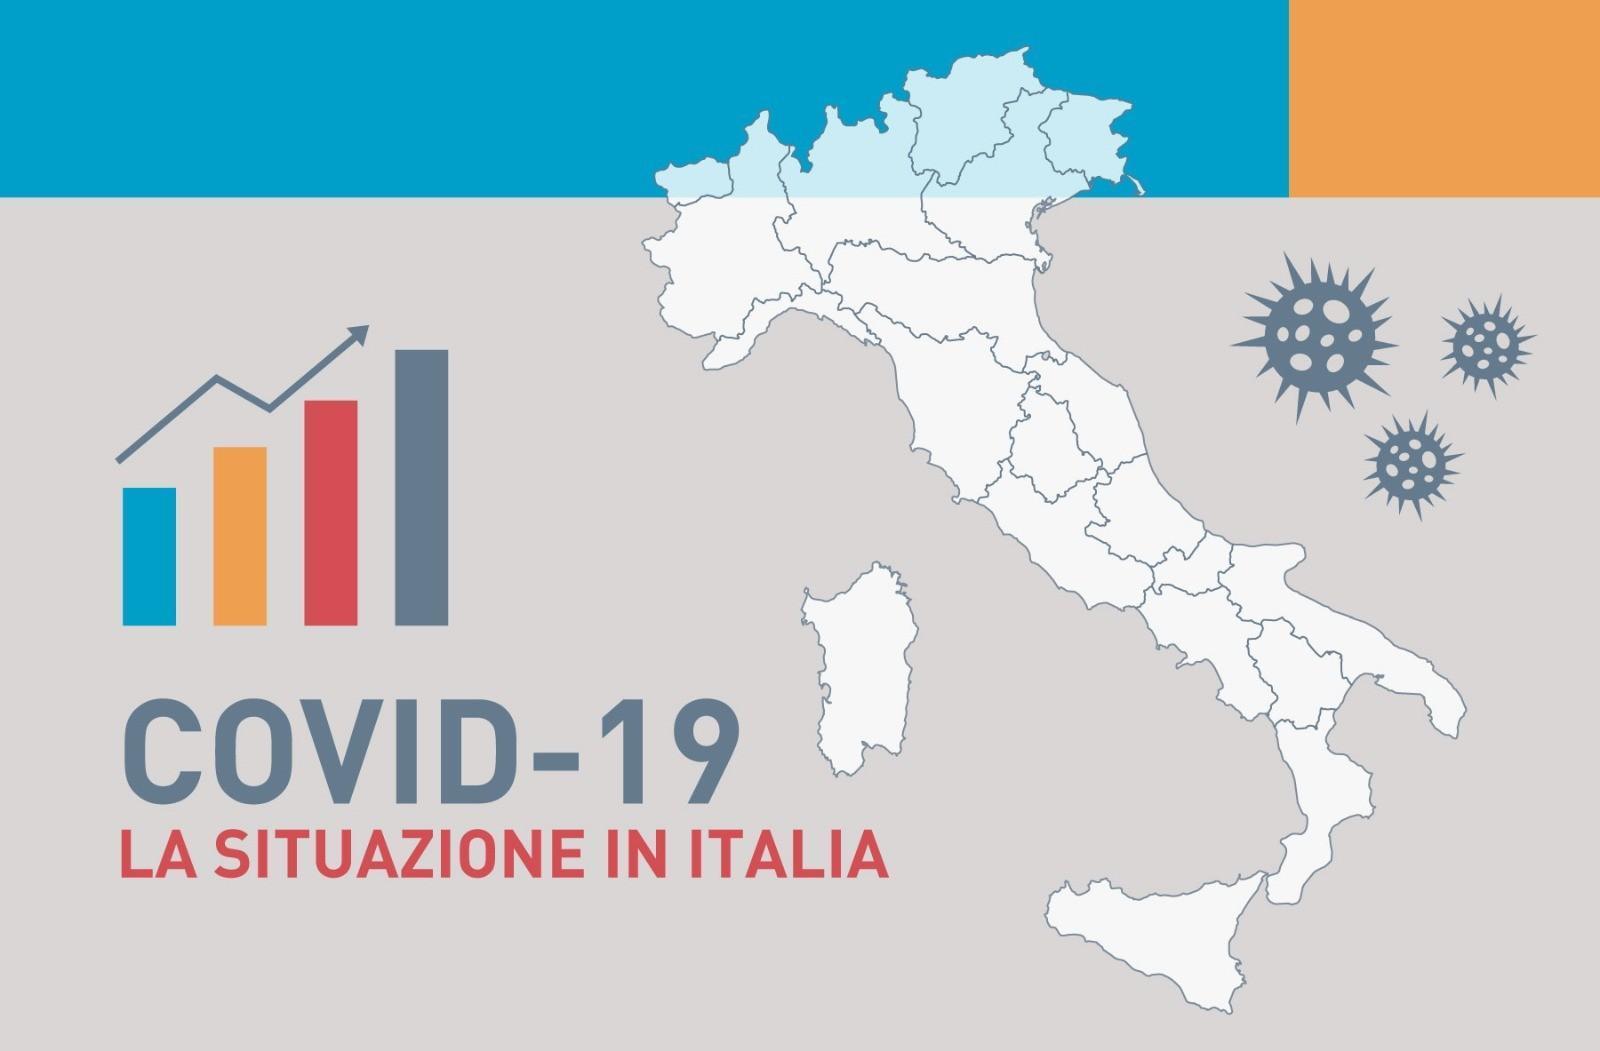 Covid-19, 9.789 nuovi casi e 358 vittime : In arrivo 4,2 mln dosi tra 15-22 aprile